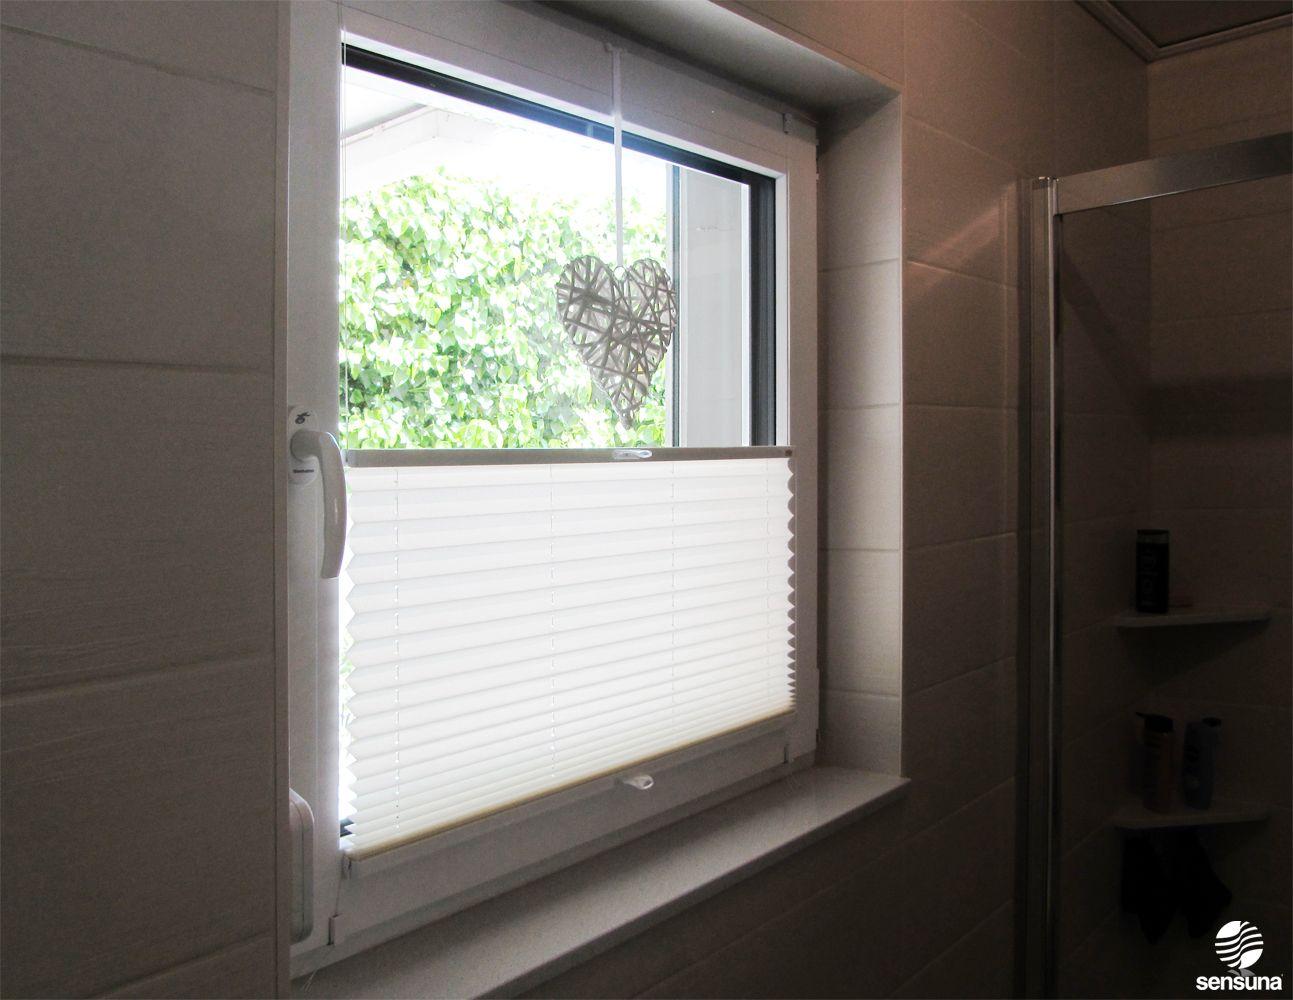 Sichtschutz Am Badezimmer Fenster Dank Neuem Sensuna Plissee